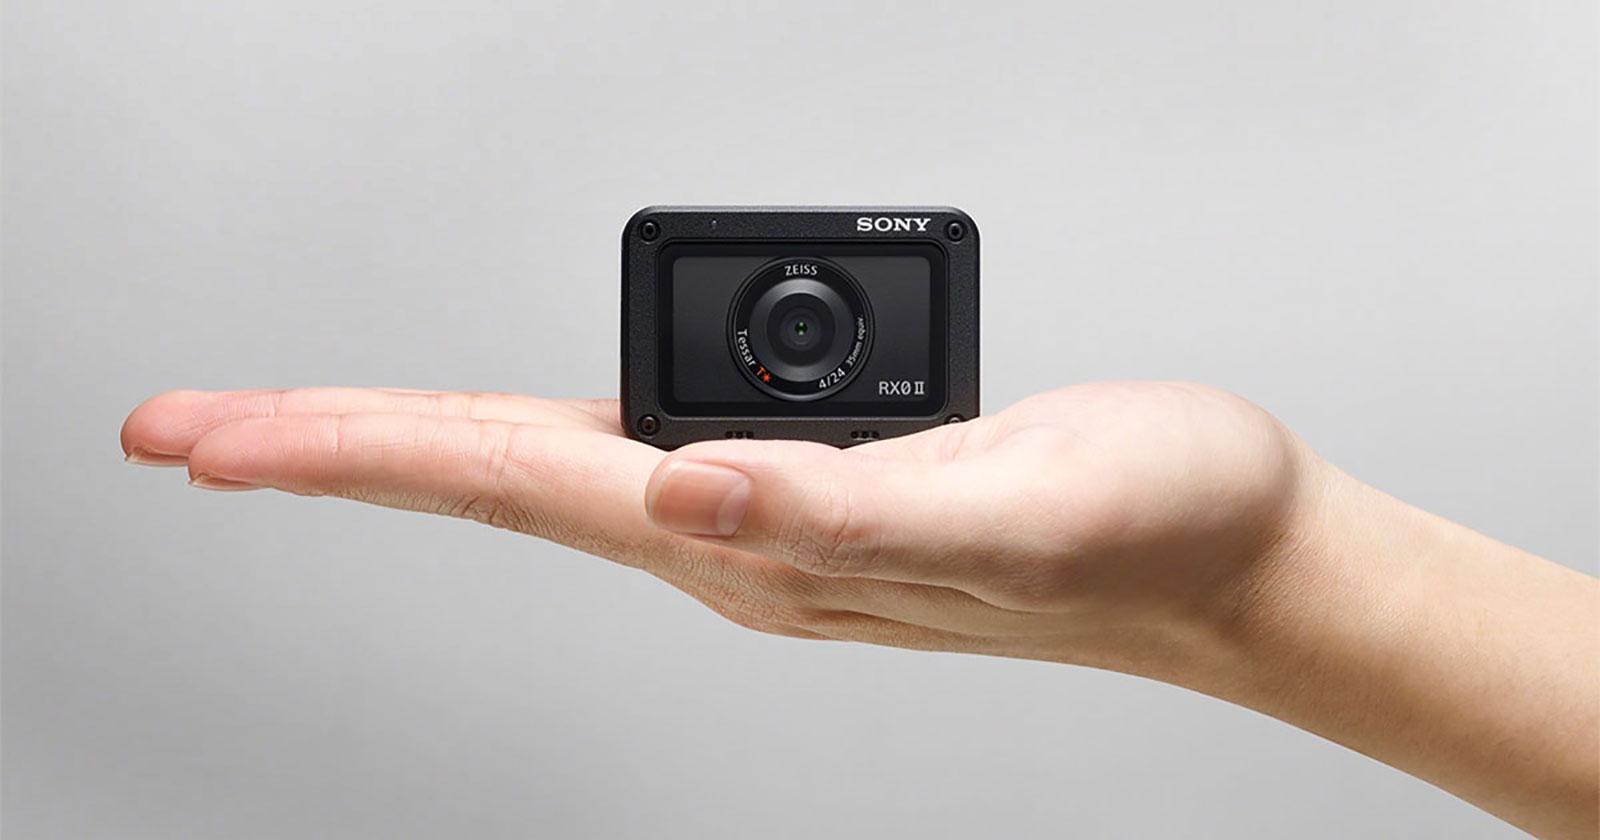 Sony RX0 II camera size